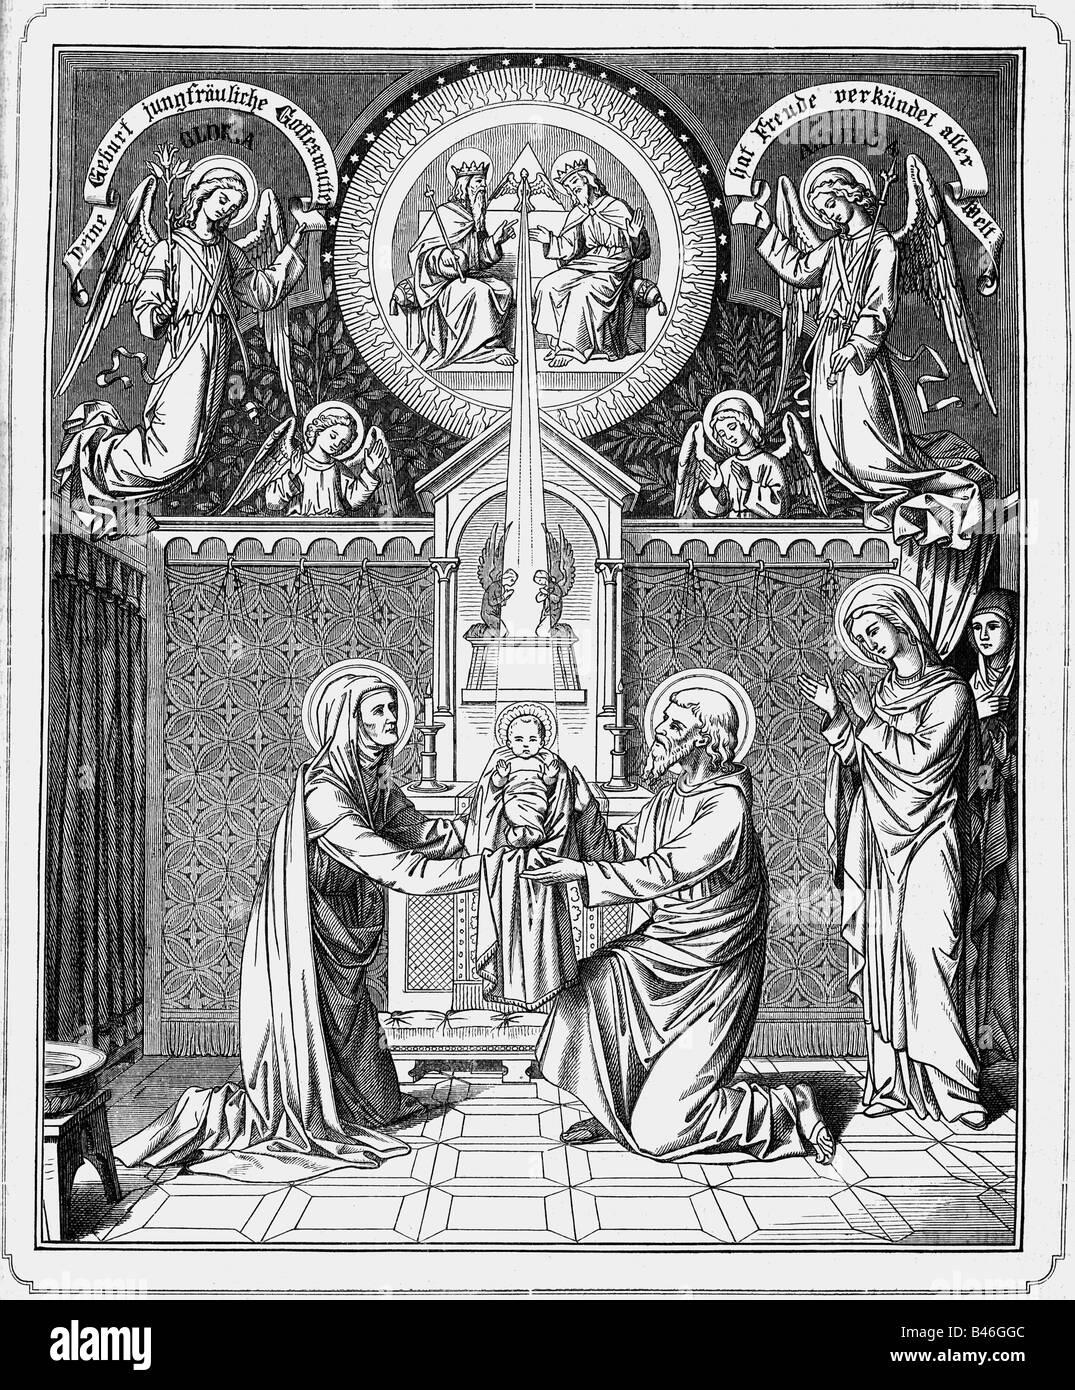 Wer ist Jesus Vater und Mutter